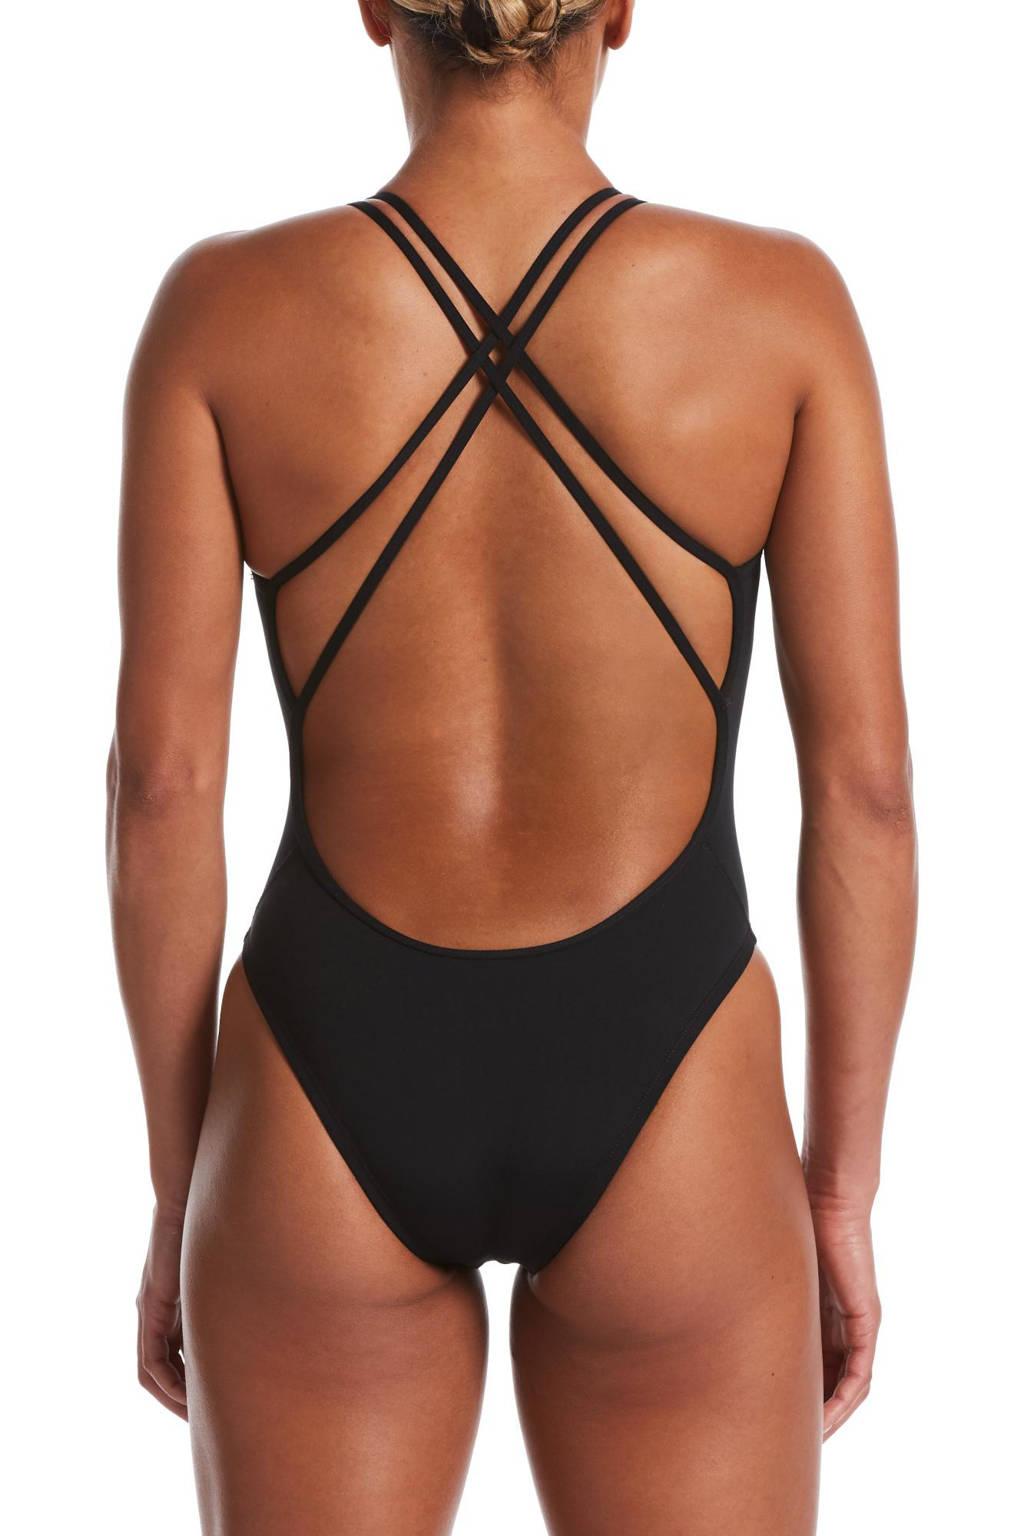 Nike sportbadpak zwart, Zwart